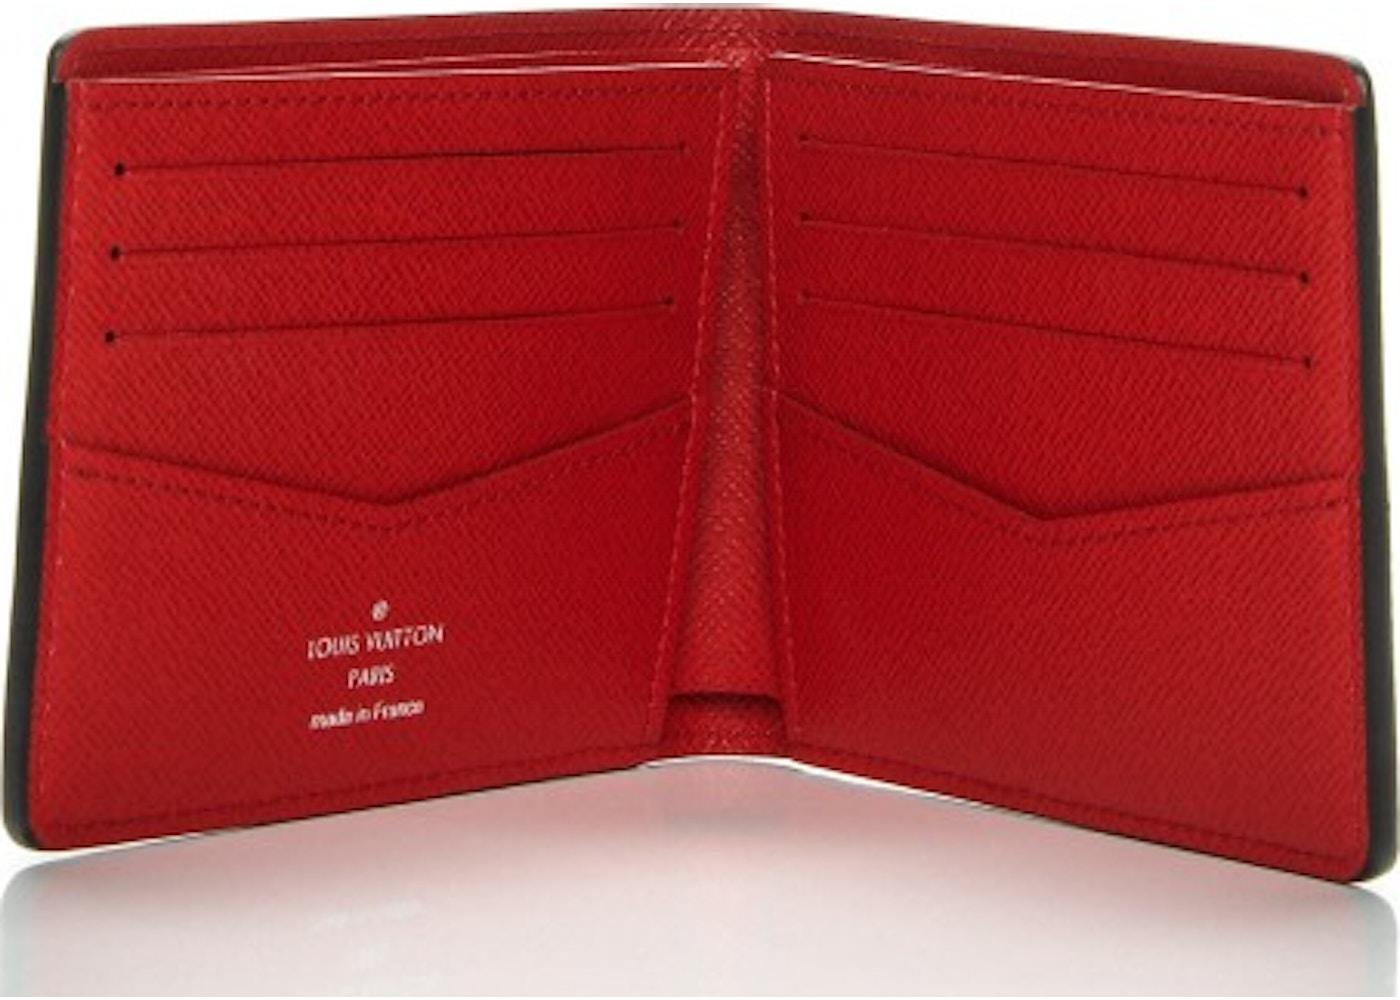 05856a3ec23f Louis Vuitton x Supreme Slender Wallet Epi Red